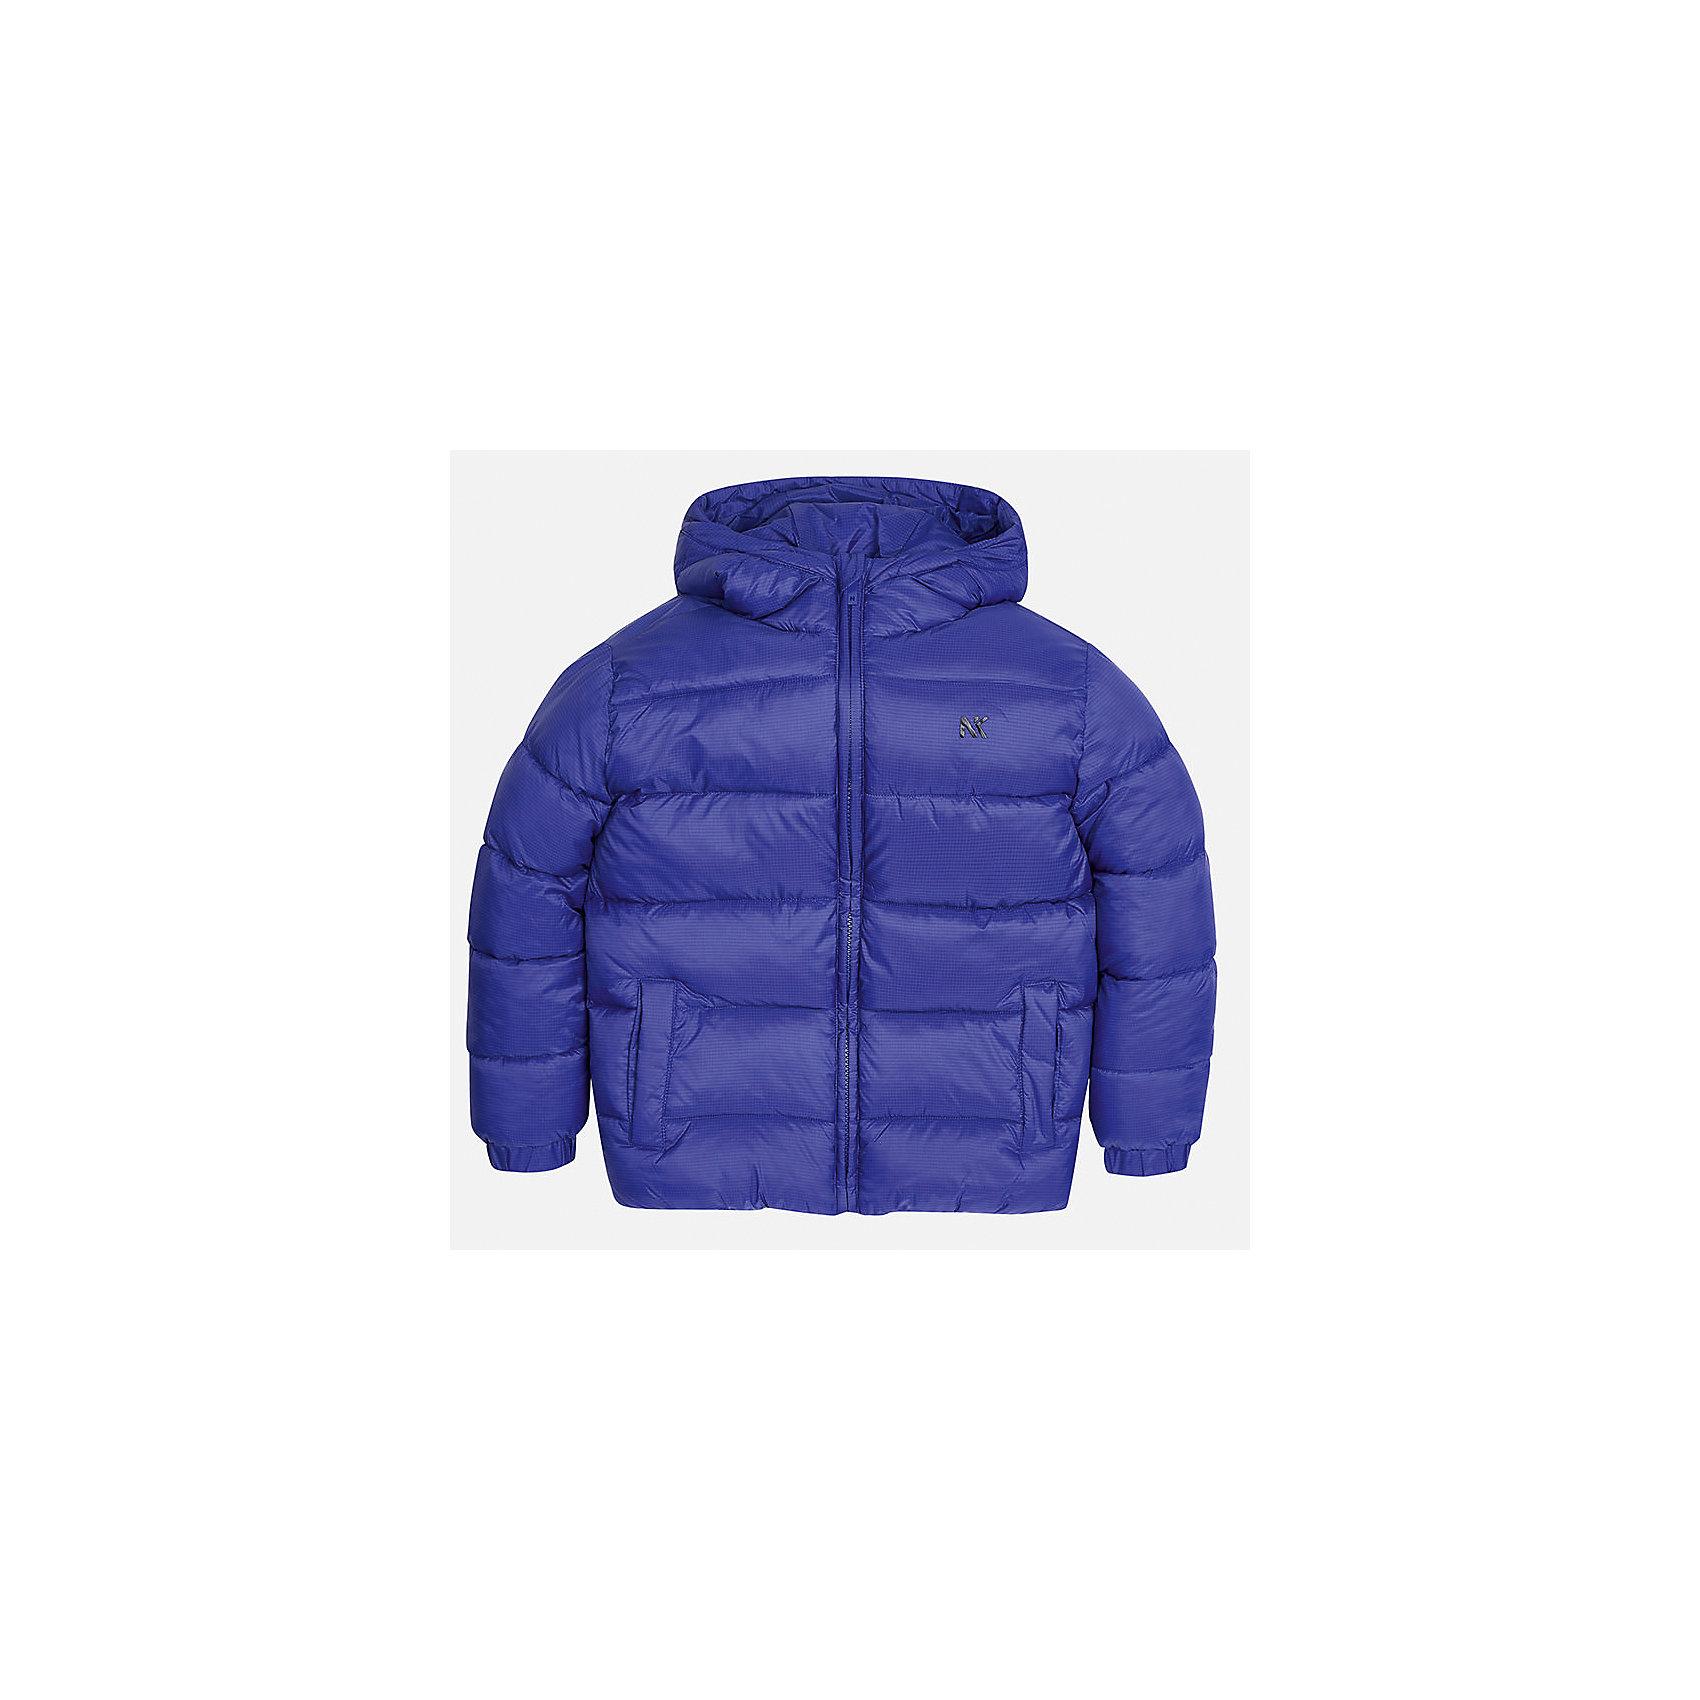 Куртка Mayoral для мальчикаВерхняя одежда<br>Характеристики товара:<br><br>• цвет: синий;<br>• сезон: демисезон;<br>• состав ткани: 100% полиэстер;<br>• состав подкладки: 100% полиэстер;<br>• стеганая;<br>• капюшон: без меха, не отстегивается;<br>• страна бренда: Испания;<br>• страна изготовитель: Бангладеш.<br><br>Демисезонная куртка для мальчика от популярного бренда Mayoral несомненно понравится вам и вашему ребенку. Качественные ткани, безупречное исполнение, все модели в центре модных тенденций. Внешняя ткань плащевая, подкладка из флиса, аккуратные швы. Рукава на внутренней манжете. Застегивается на замок-молнию, капюшон не отстегивается. <br><br>Легкая и теплая куртка с капюшоном и карманами на холодную осень-весну. Грамотный крой изделия обеспечивает отличную посадку по фигуре.<br><br>Куртку  для мальчика Mayoral (Майорал) можно купить в нашем интернет-магазине.<br><br>Ширина мм: 356<br>Глубина мм: 10<br>Высота мм: 245<br>Вес г: 519<br>Цвет: синий<br>Возраст от месяцев: 168<br>Возраст до месяцев: 180<br>Пол: Мужской<br>Возраст: Детский<br>Размер: 170,128/134,140,152,158,164<br>SKU: 6931936